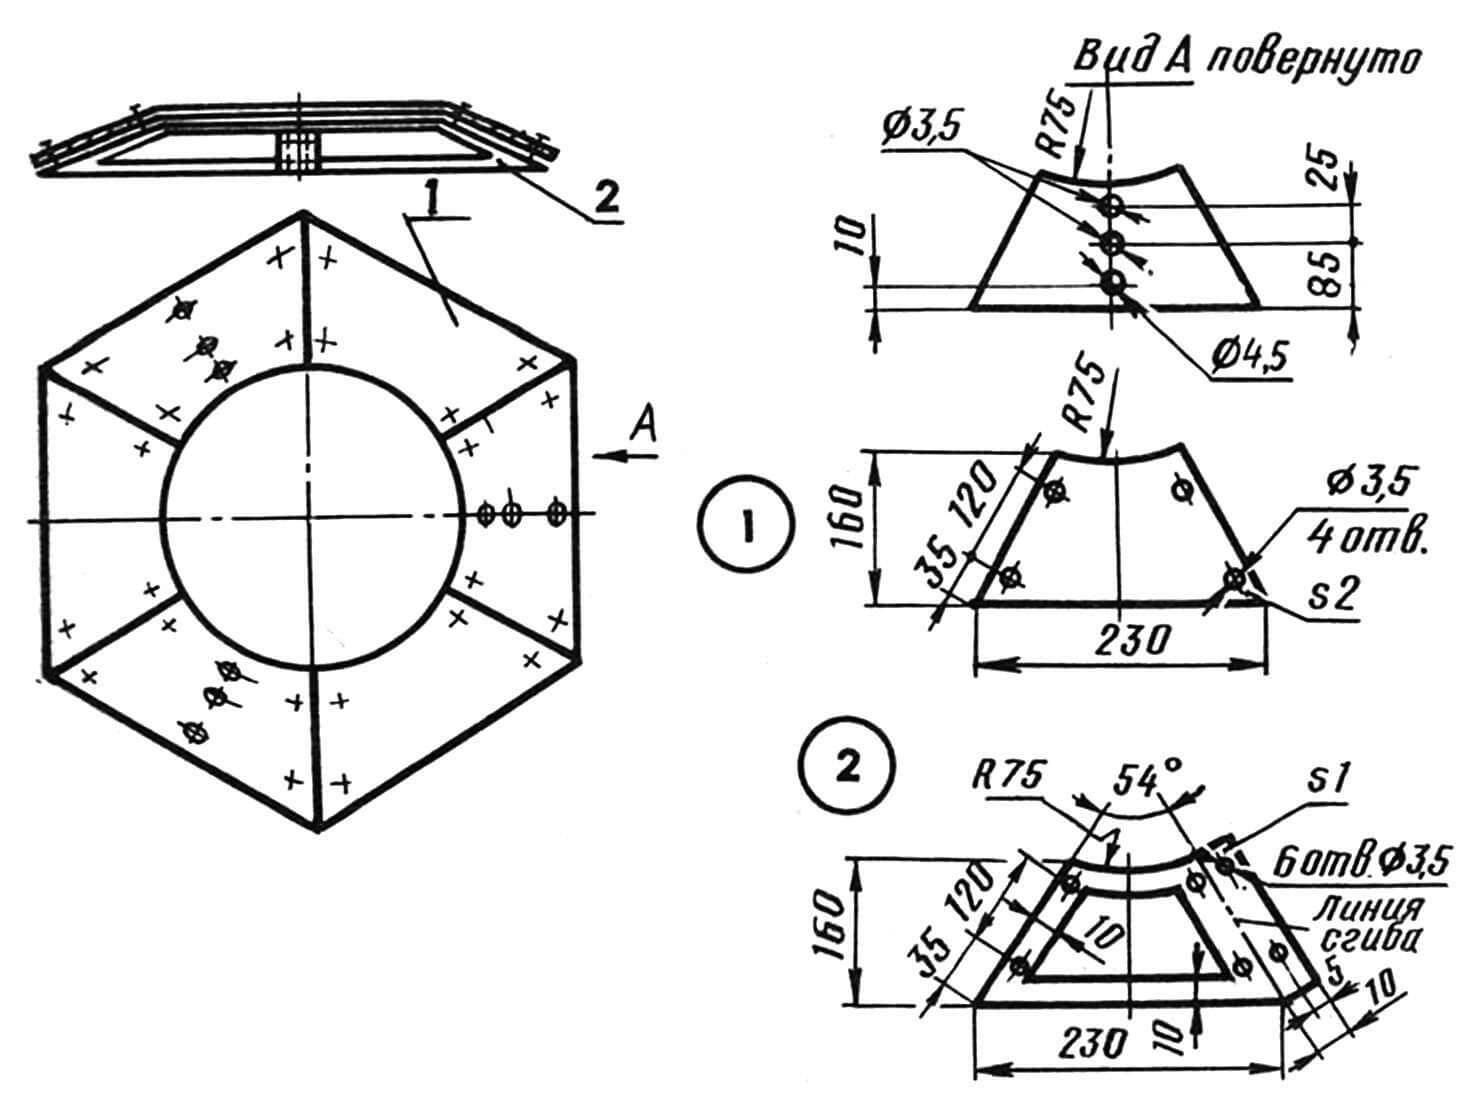 Крышка: 1— пластина оргстекла, 2 — дюралюминиевый каркас.